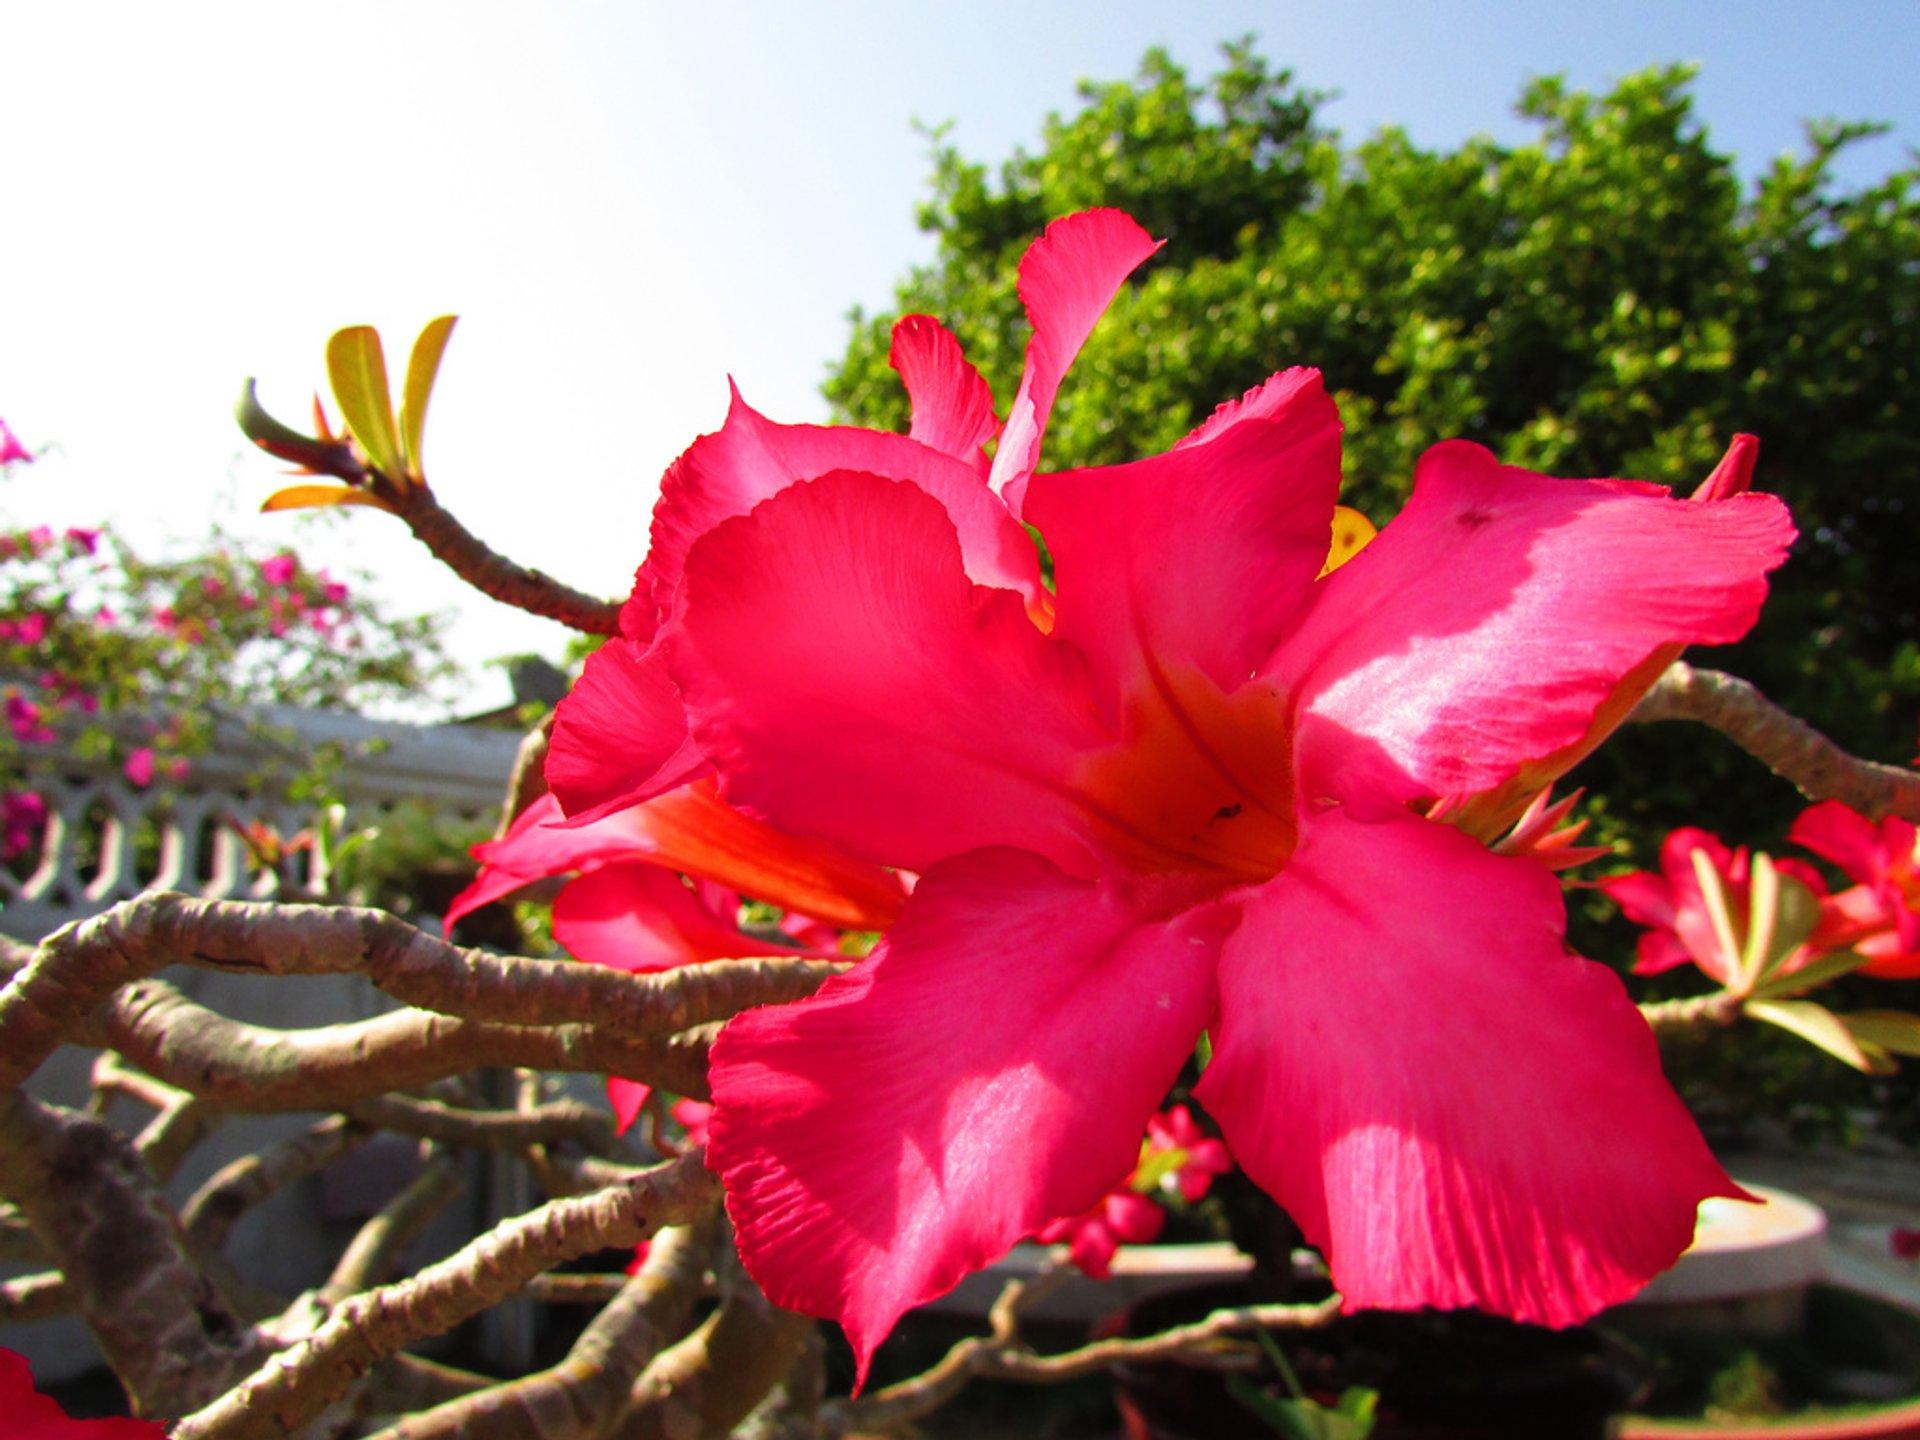 Mekong Delta Flower Season in Vietnam - Best Season